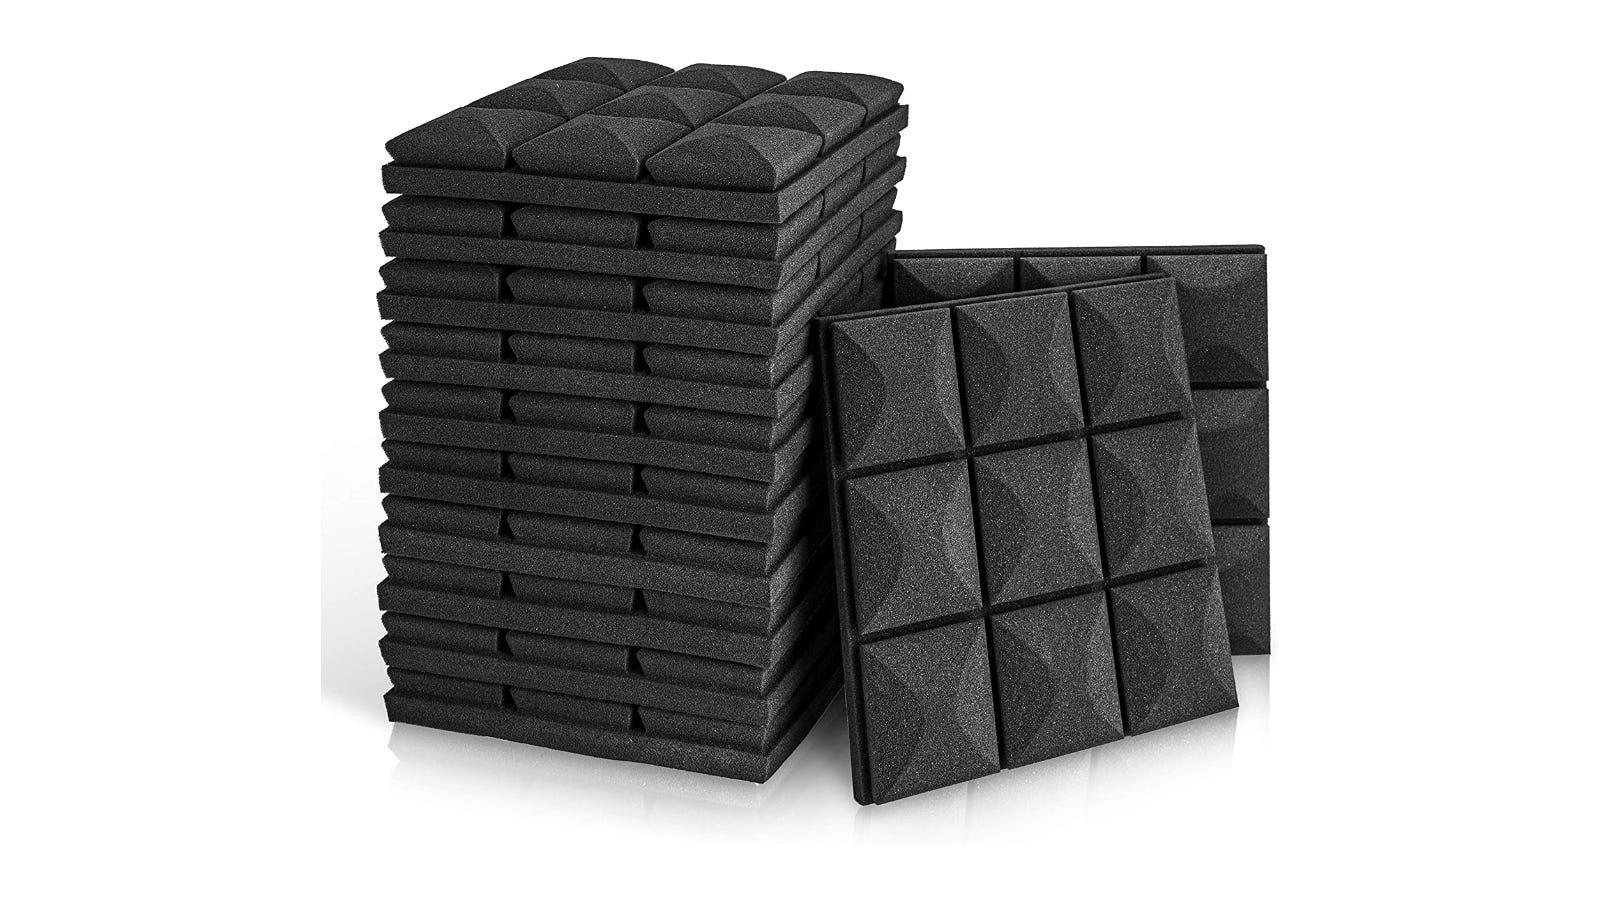 Fstop 12-pack acoustic foam